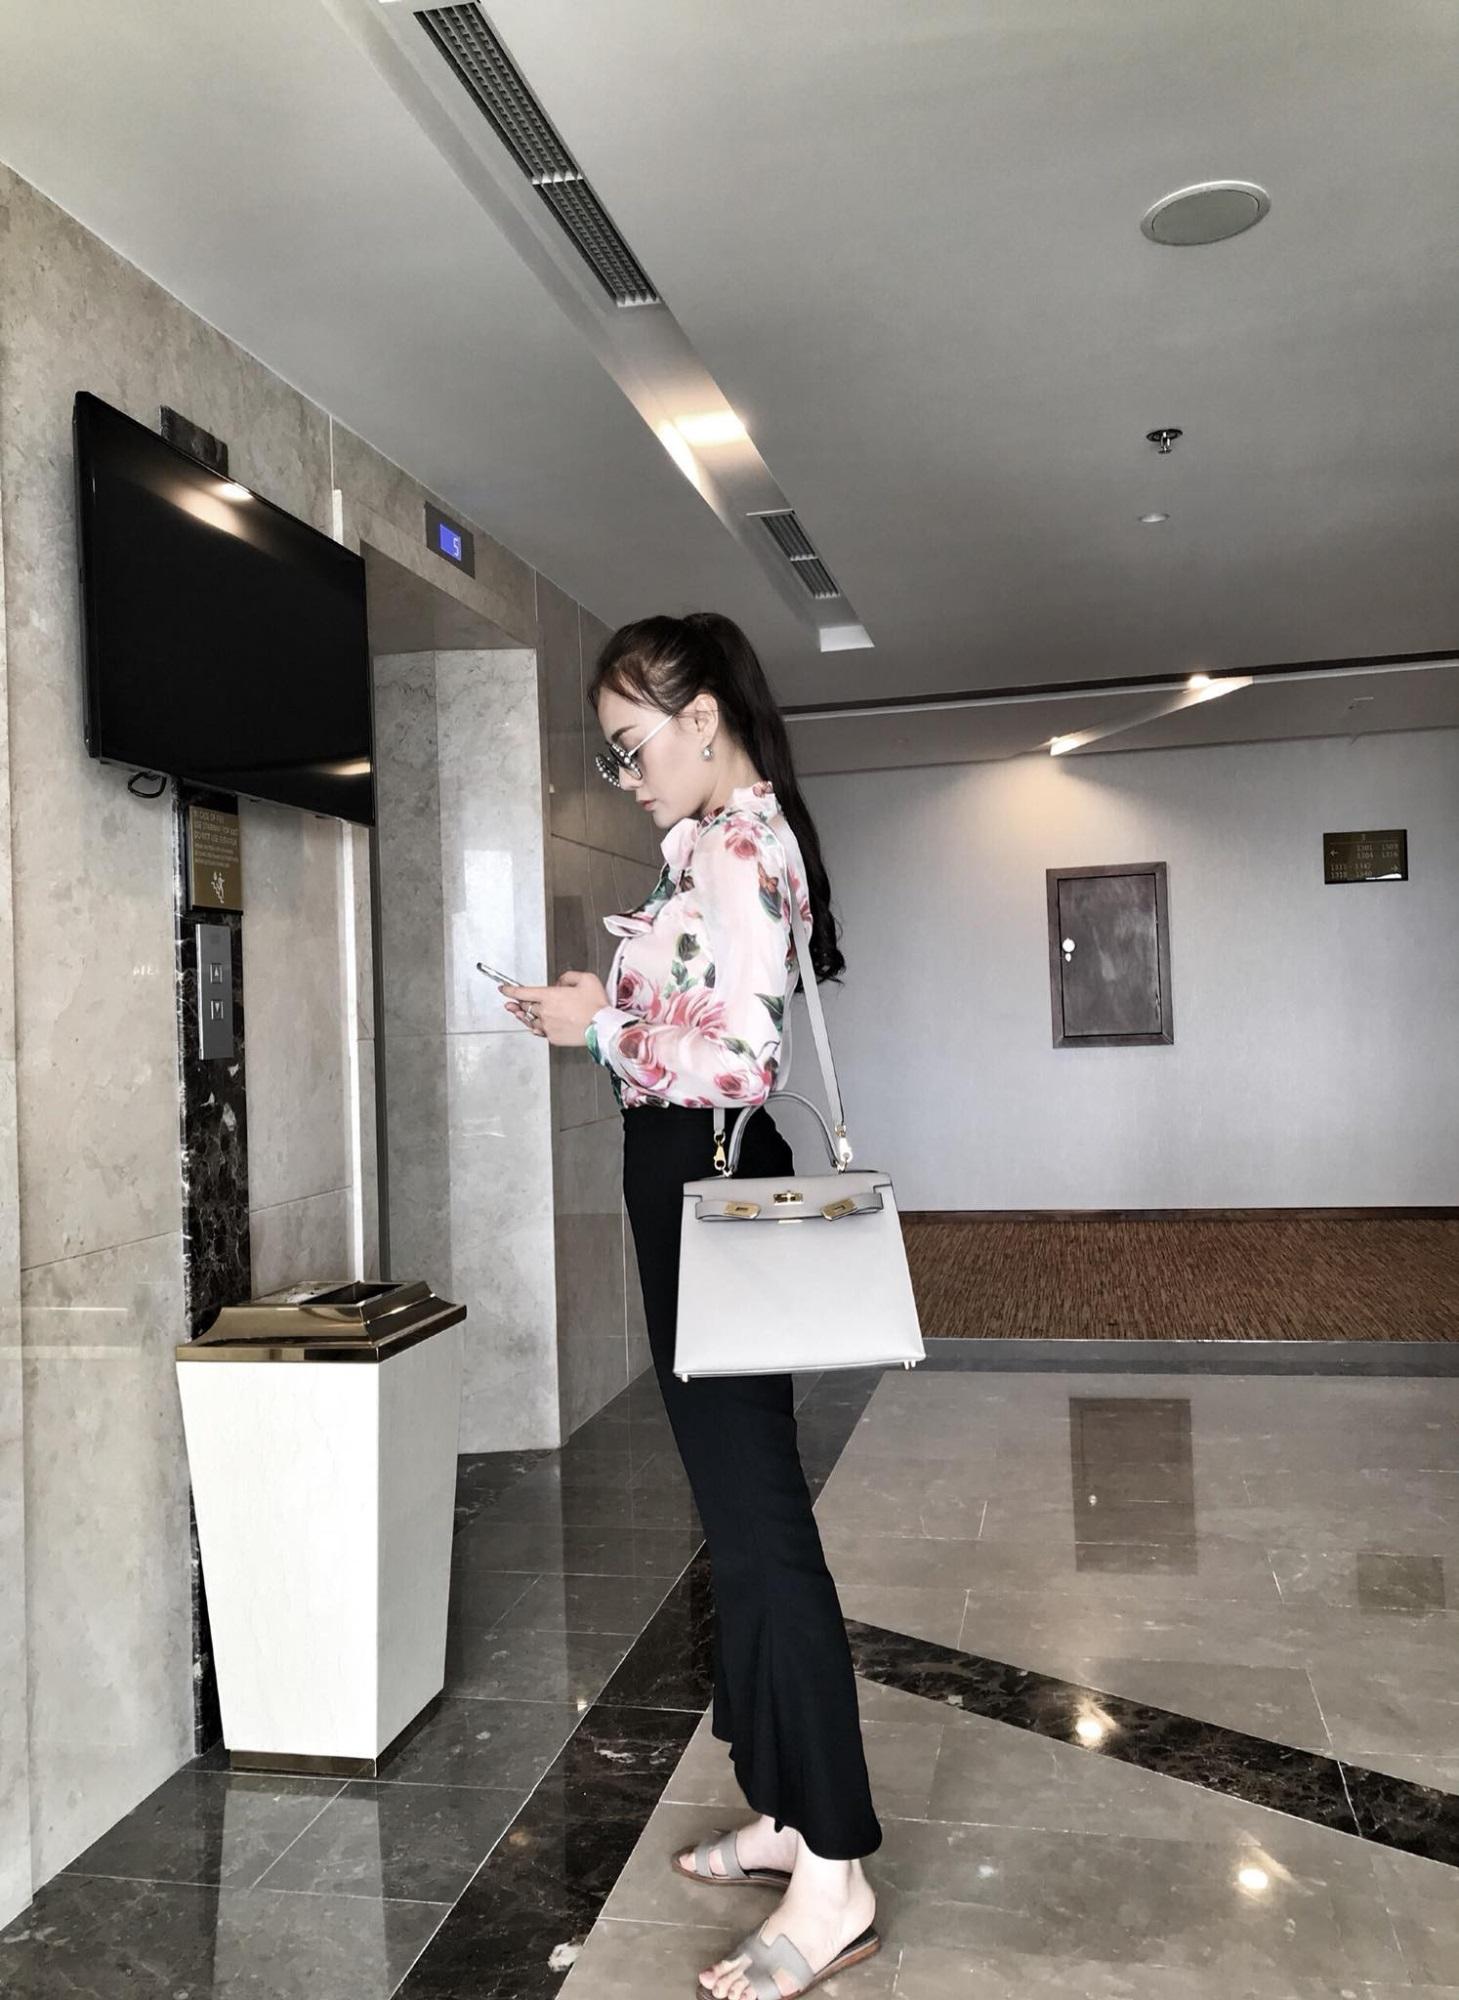 Không thua kém Ngọc Trinh, nữ chính 'Quỳnh búp bê' sành điệu với tủ đồ hiệu hàng trăm triệu đồng - Ảnh 8